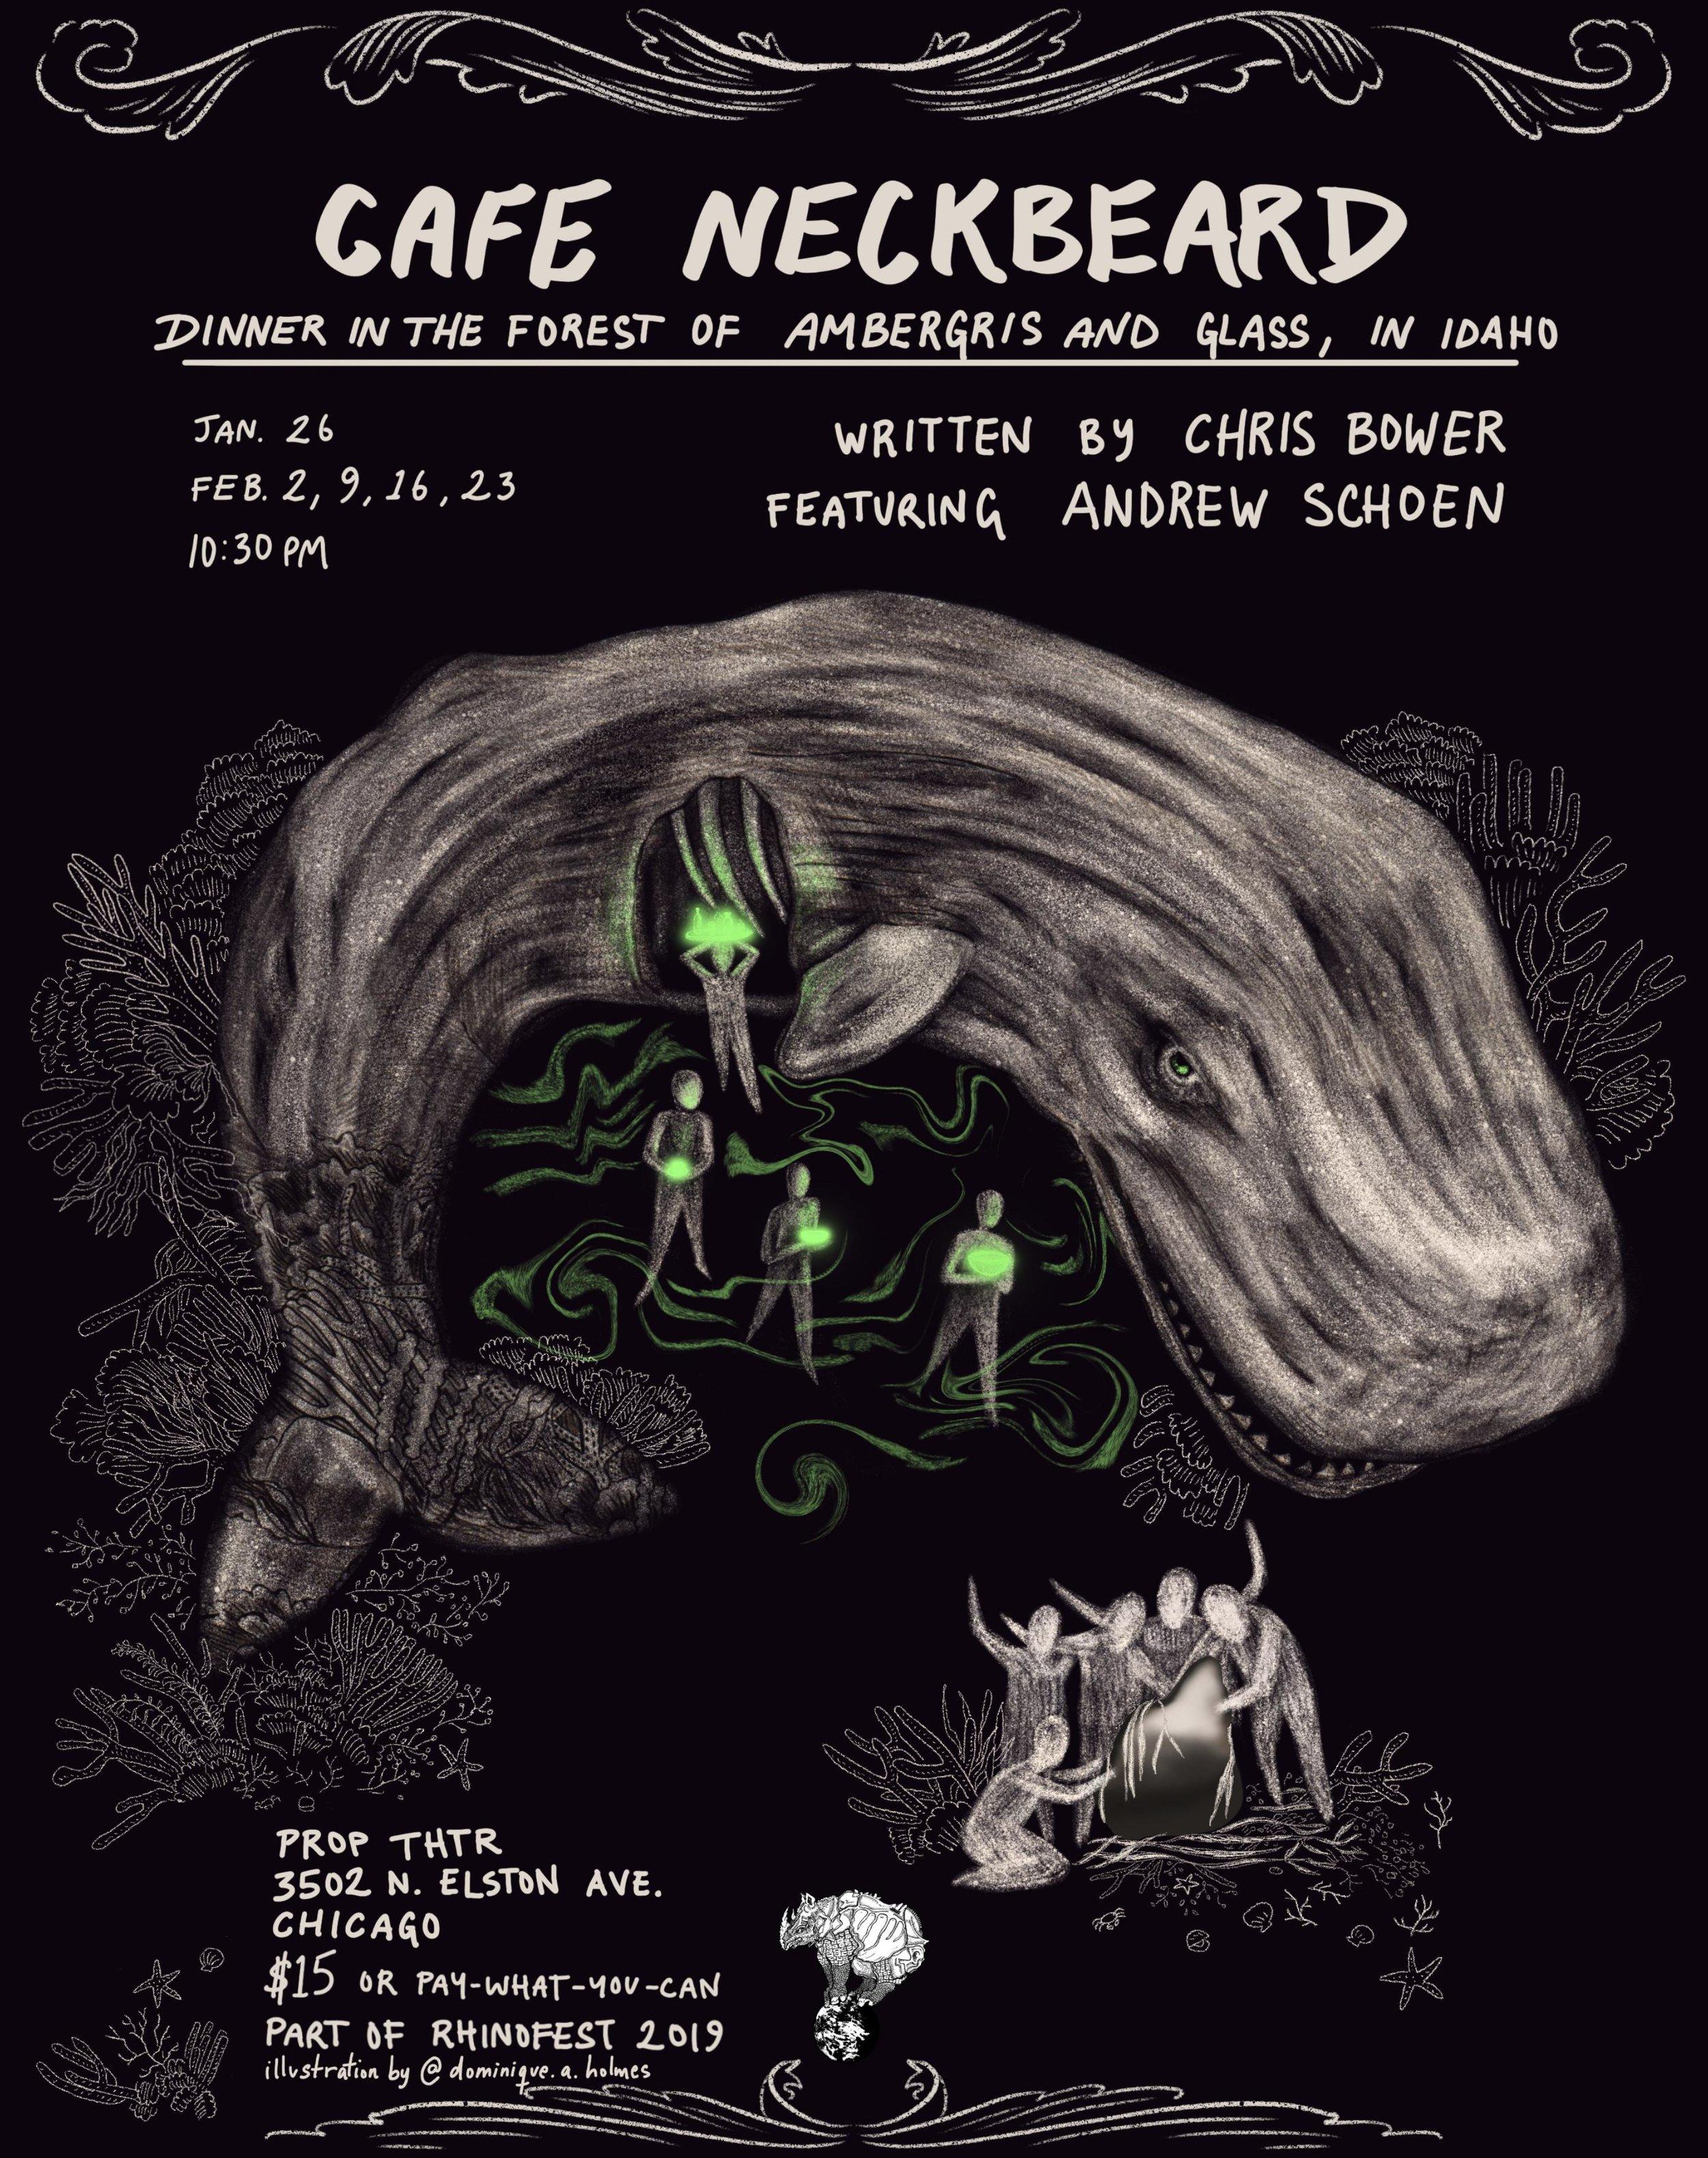 Cafe Neckbeard